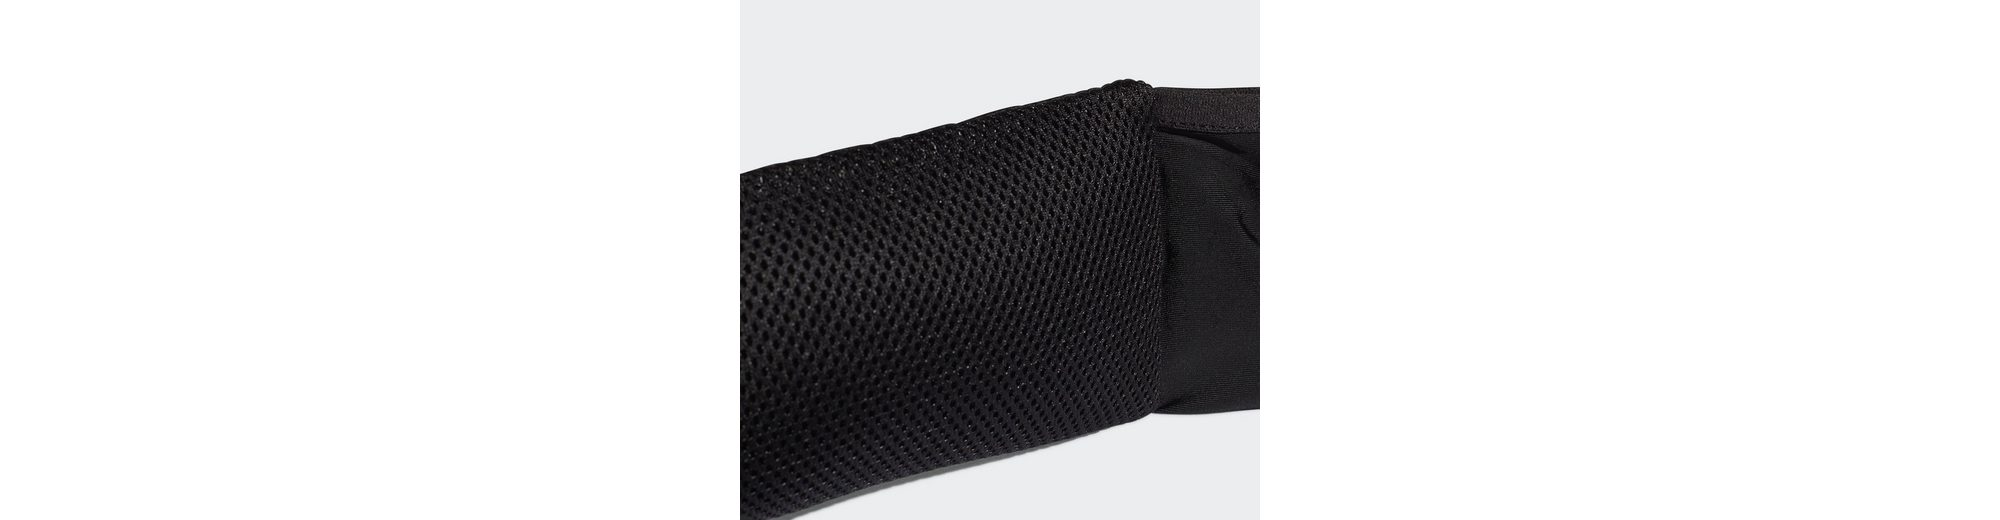 adidas Performance Beuteltasche Laufgürtel Plus Freies Verschiffen Reale Exklusiv Zum Verkauf Billig Aus Deutschland Extrem Zum Verkauf e5MSQW